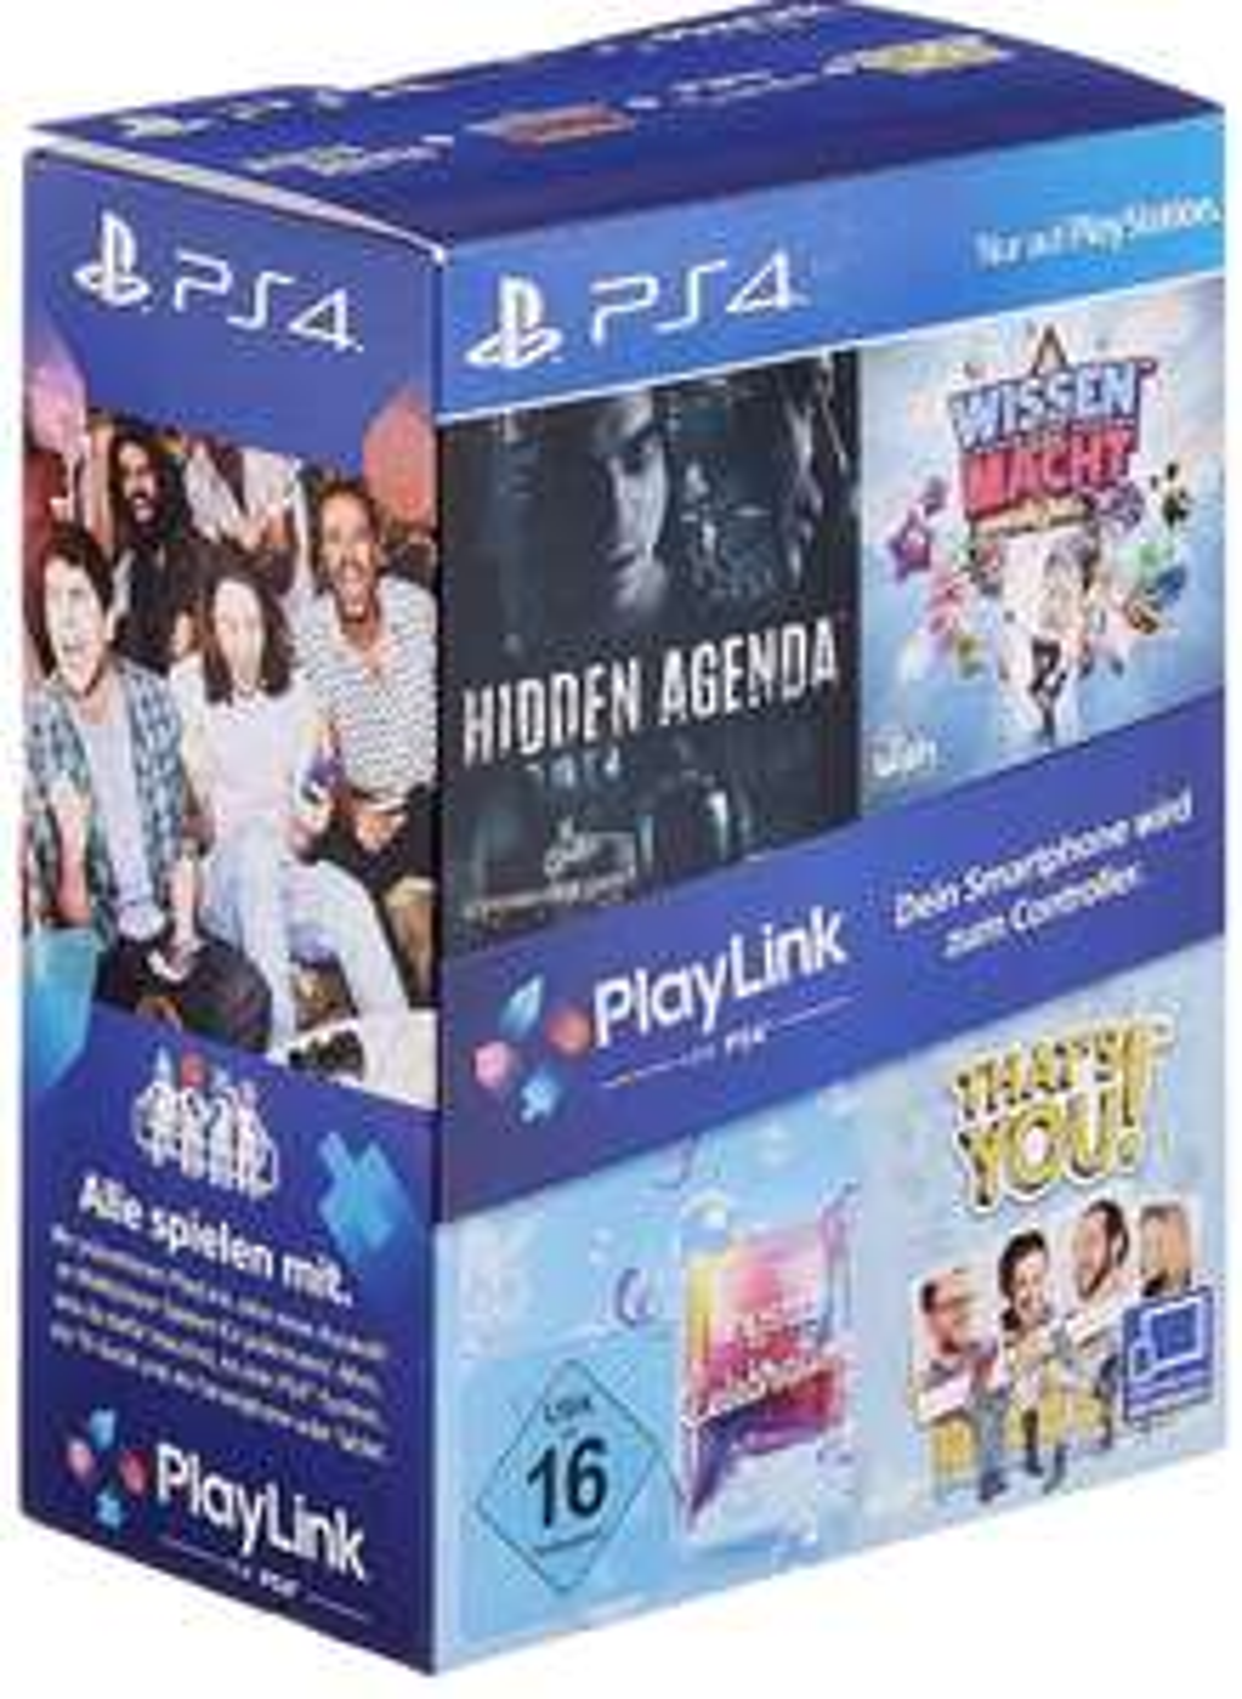 PlayLink Bundle (Wissen ist Macht, Hidden Agenda, SingStar Celebration & That's You!)